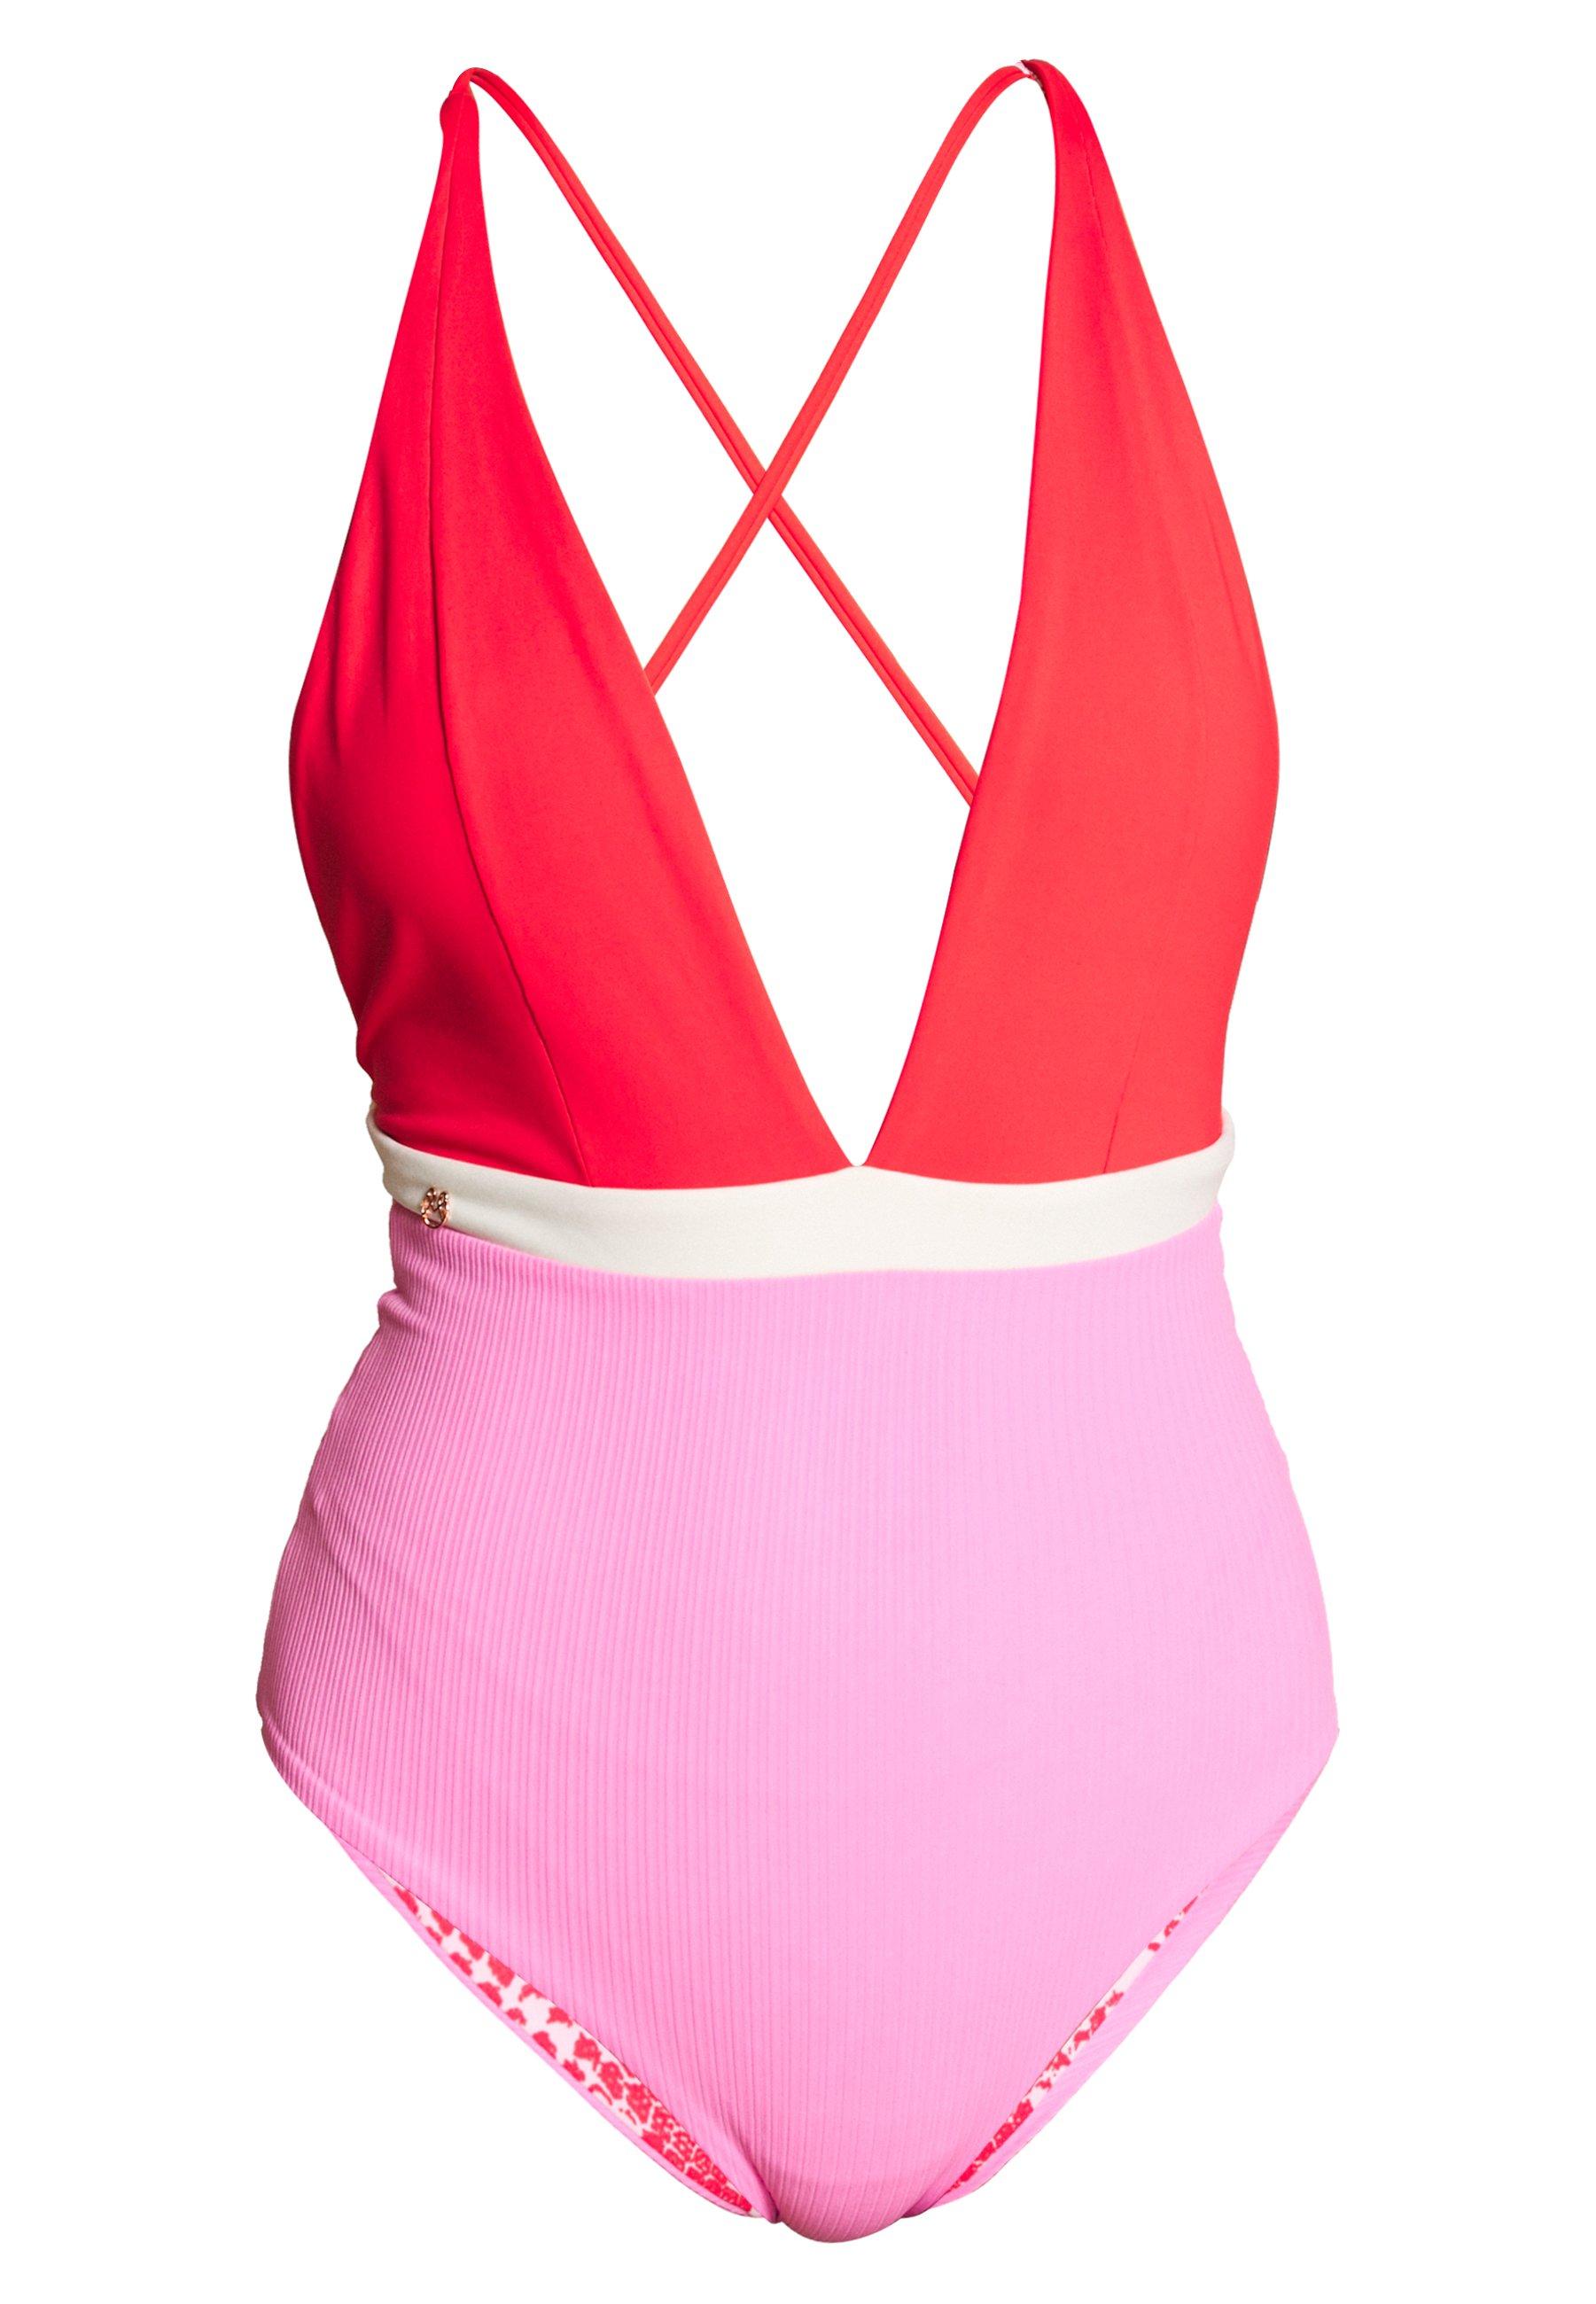 Maaji Valentine Rainbowplunge Onepiece - Costume Da Bagno Red cYr6IvW